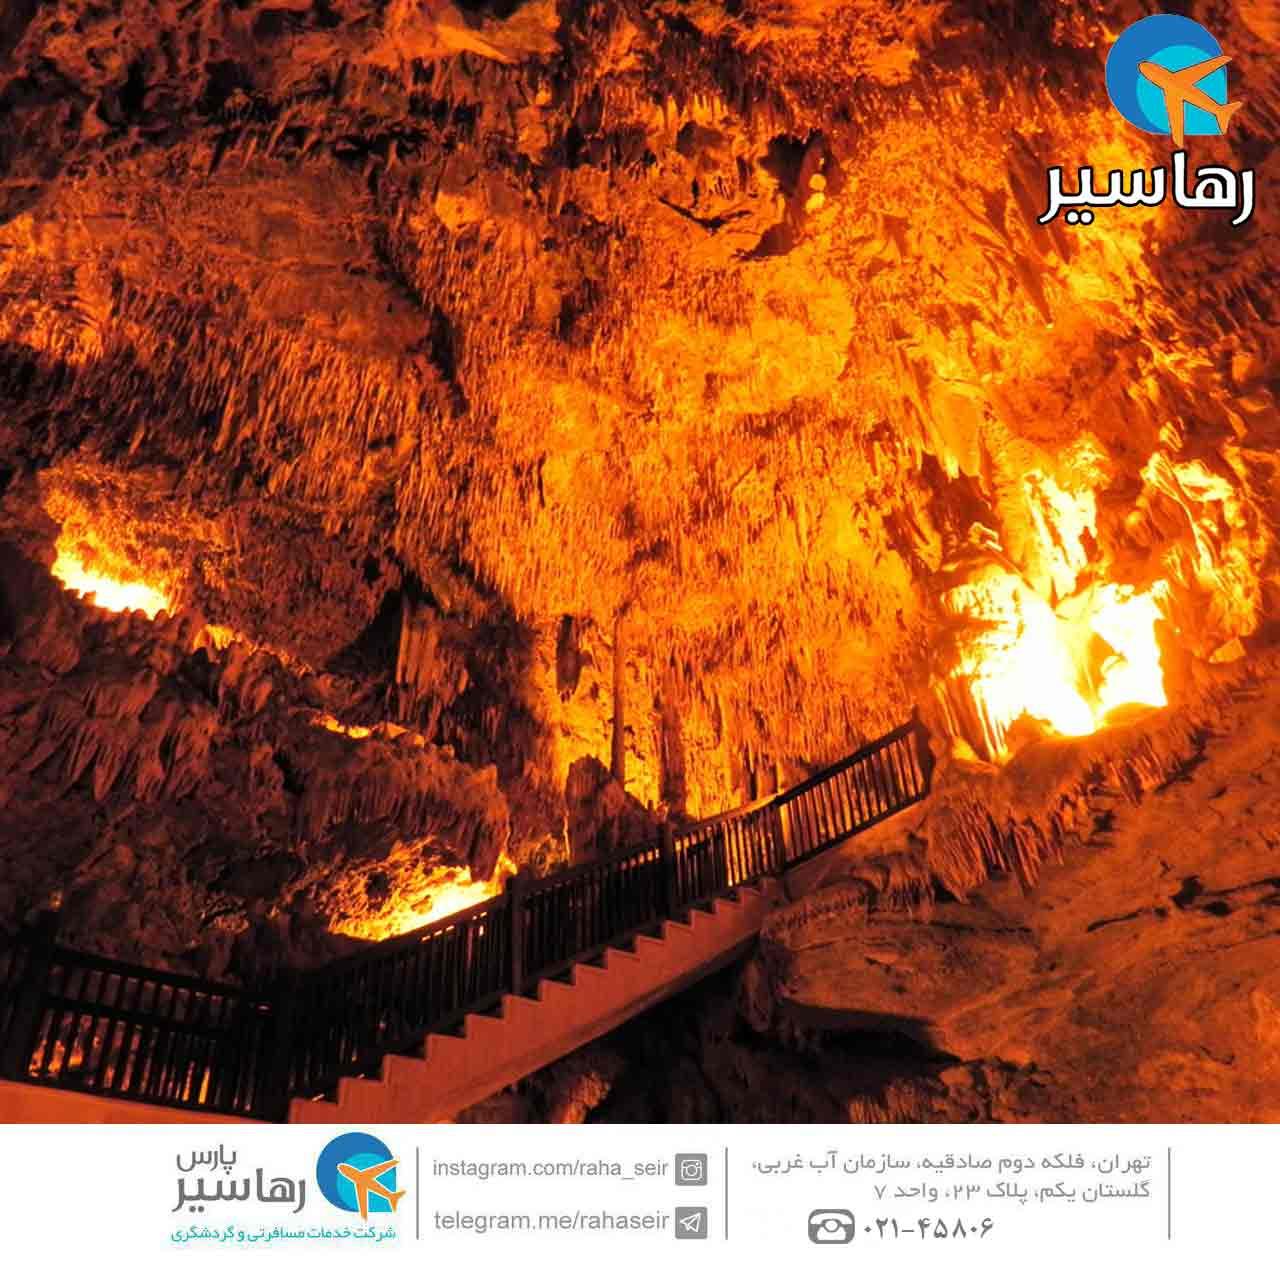 غار داملاتاش | Damlatas caves | آلانیا